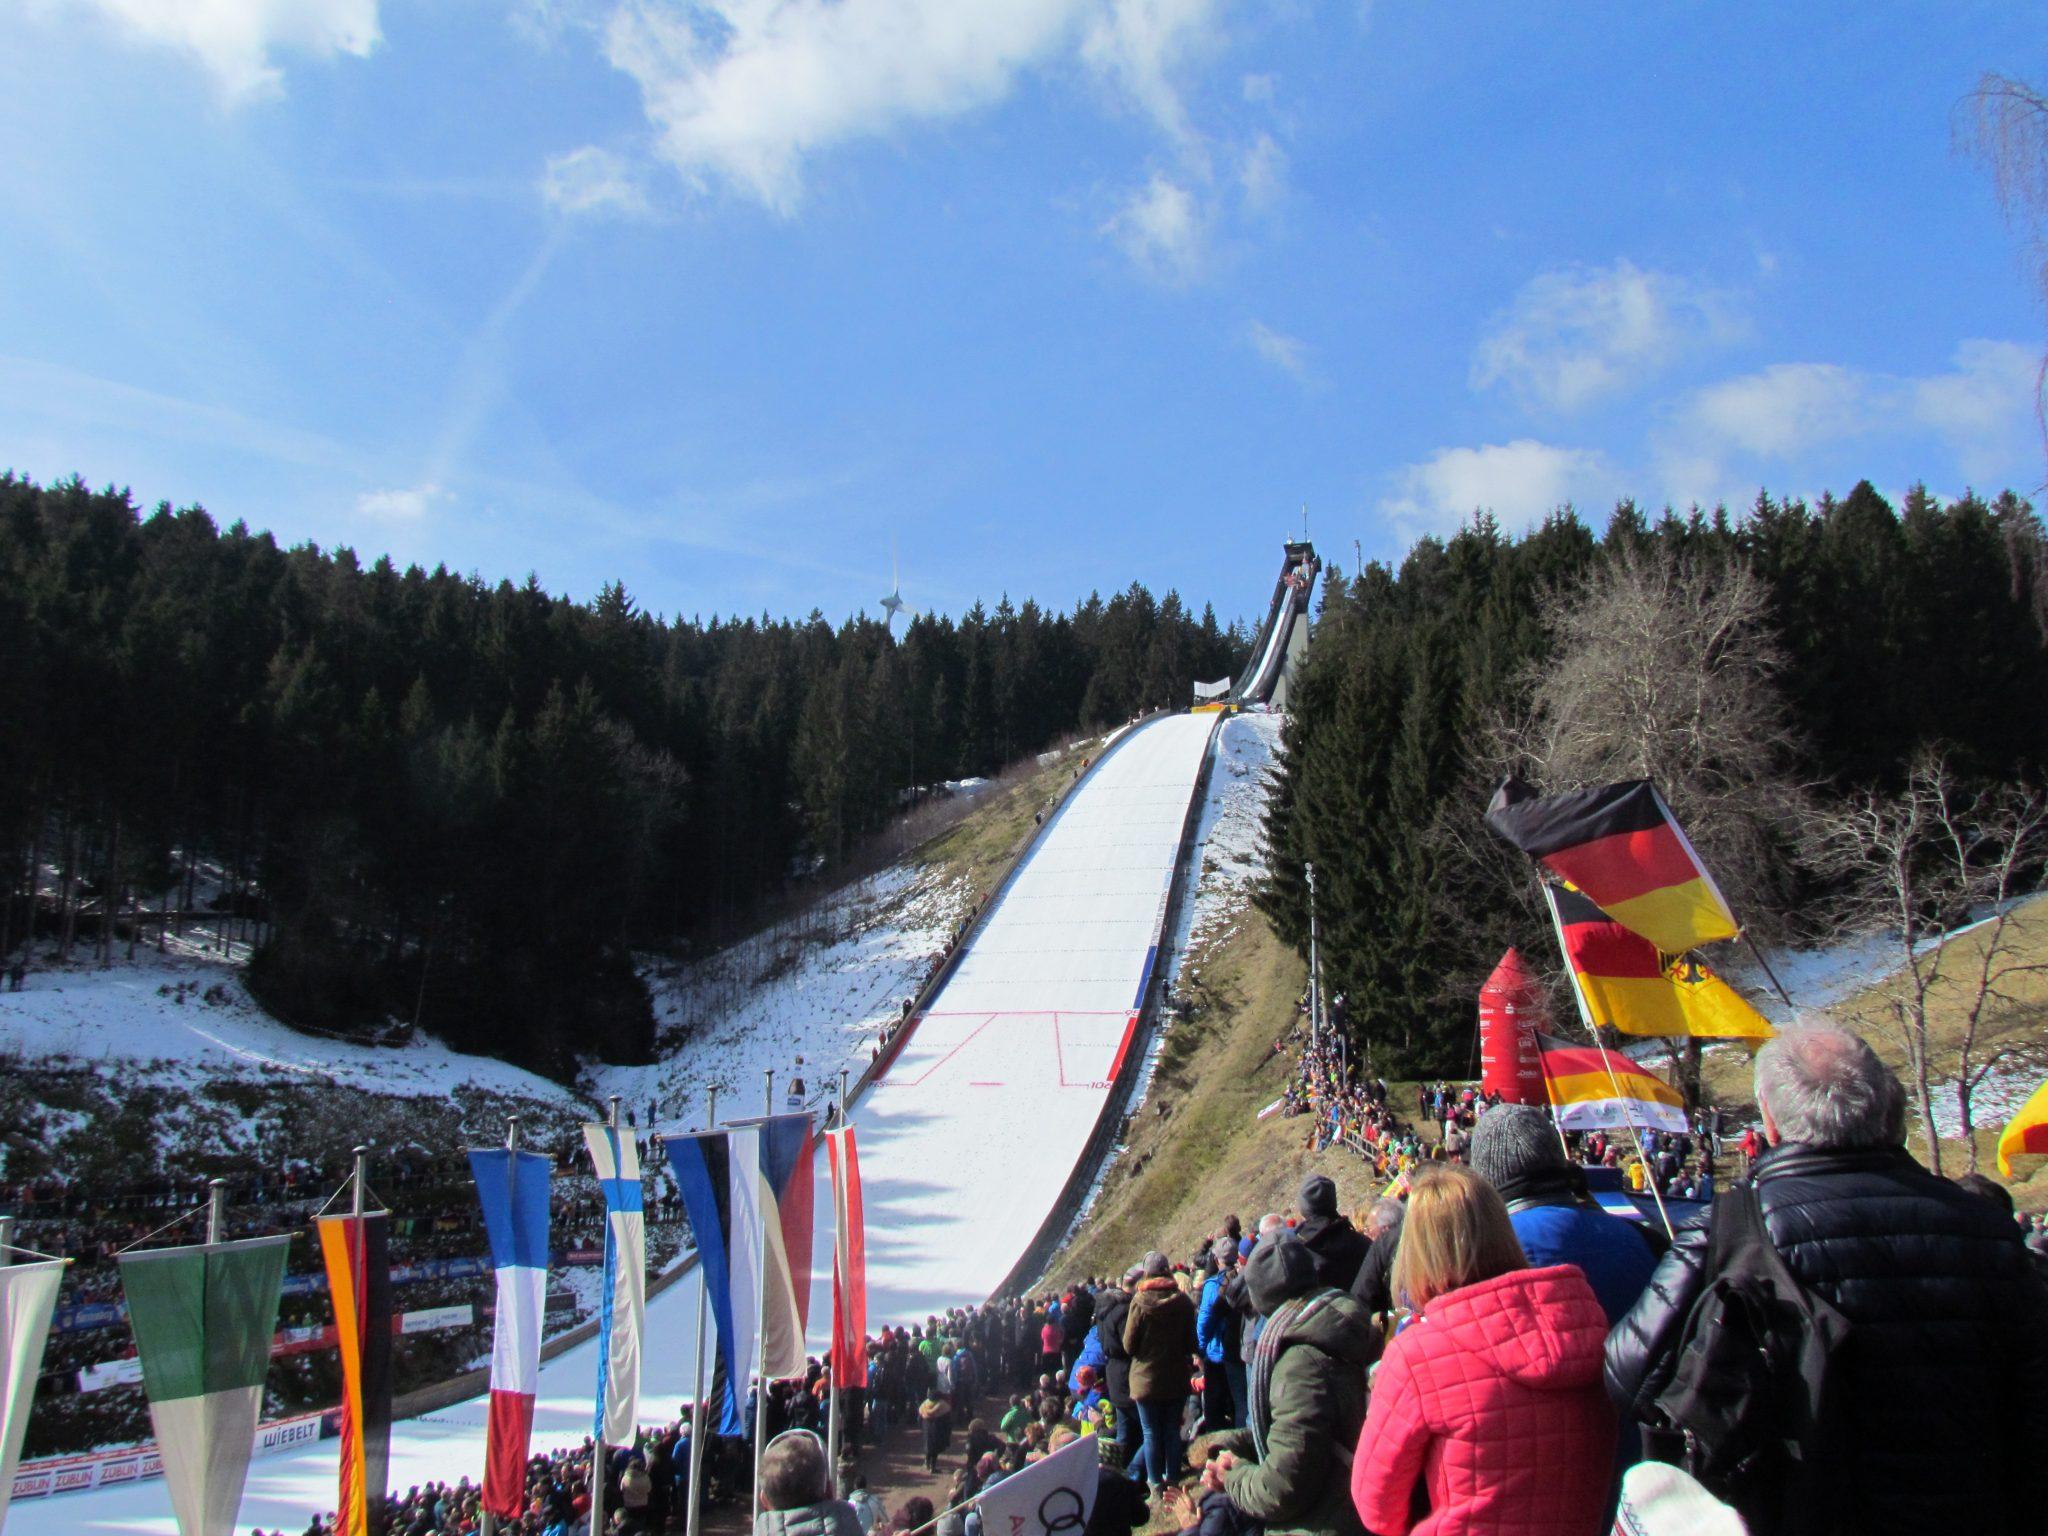 Stiegeler IT unterstützt Schonach beim Weltcup Finale der Nordischen Kombination mit Free WiFi